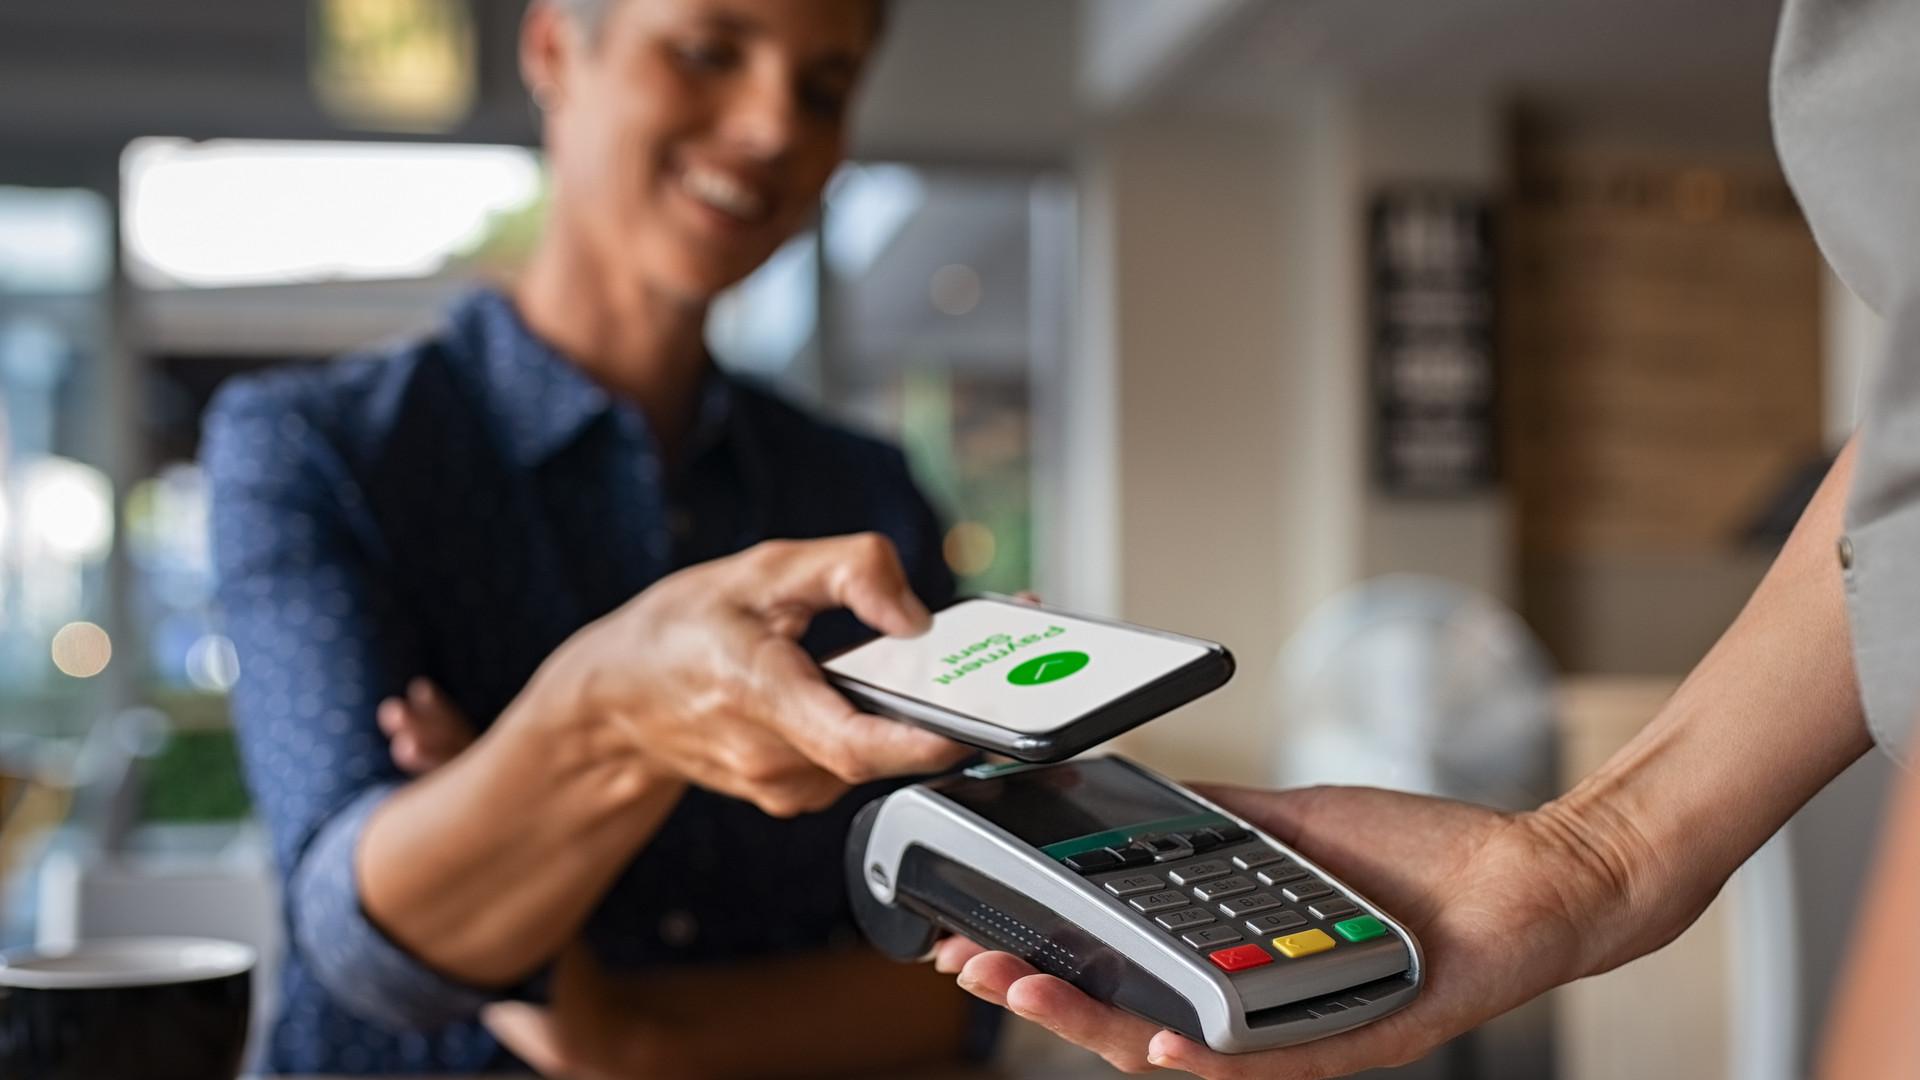 Woman paying using NFC technology